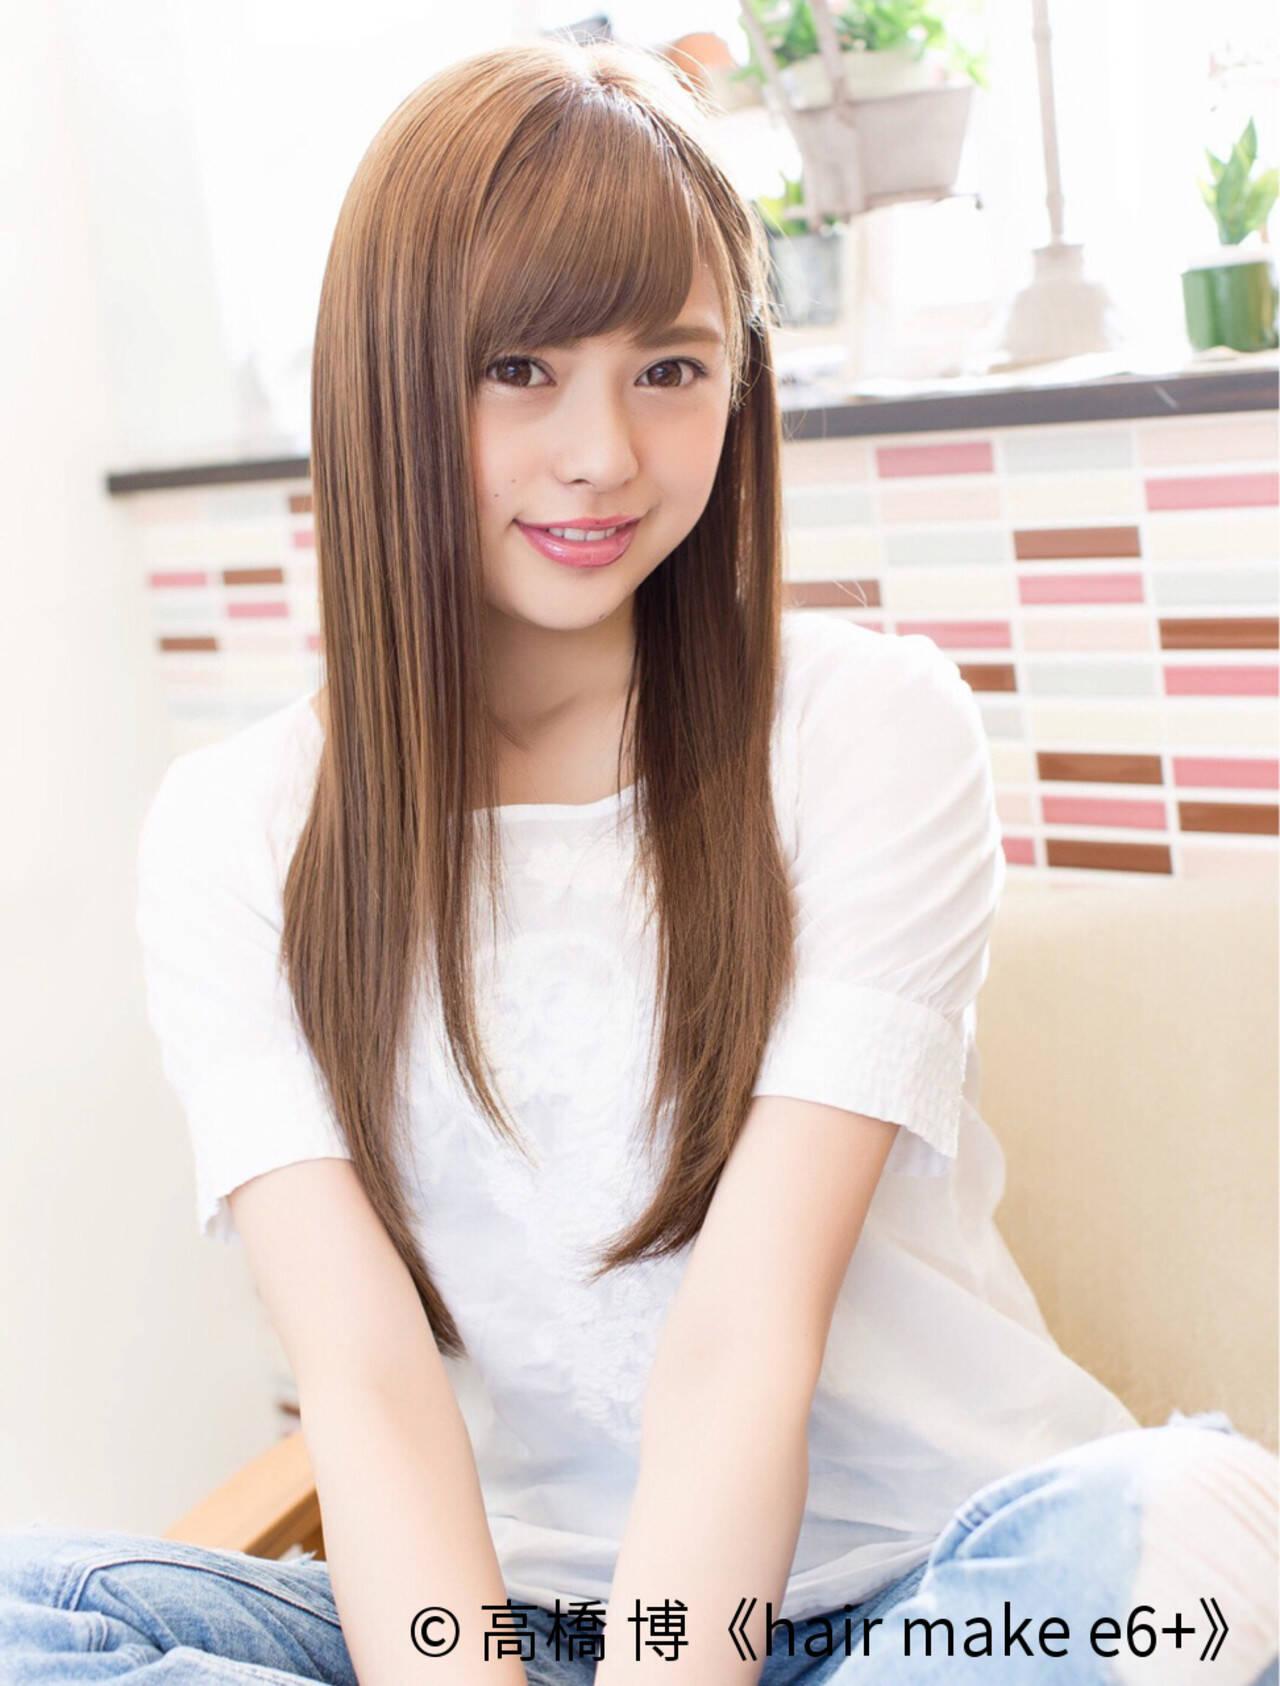 艶髪 ストレート アッシュベージュ ナチュラルヘアスタイルや髪型の写真・画像